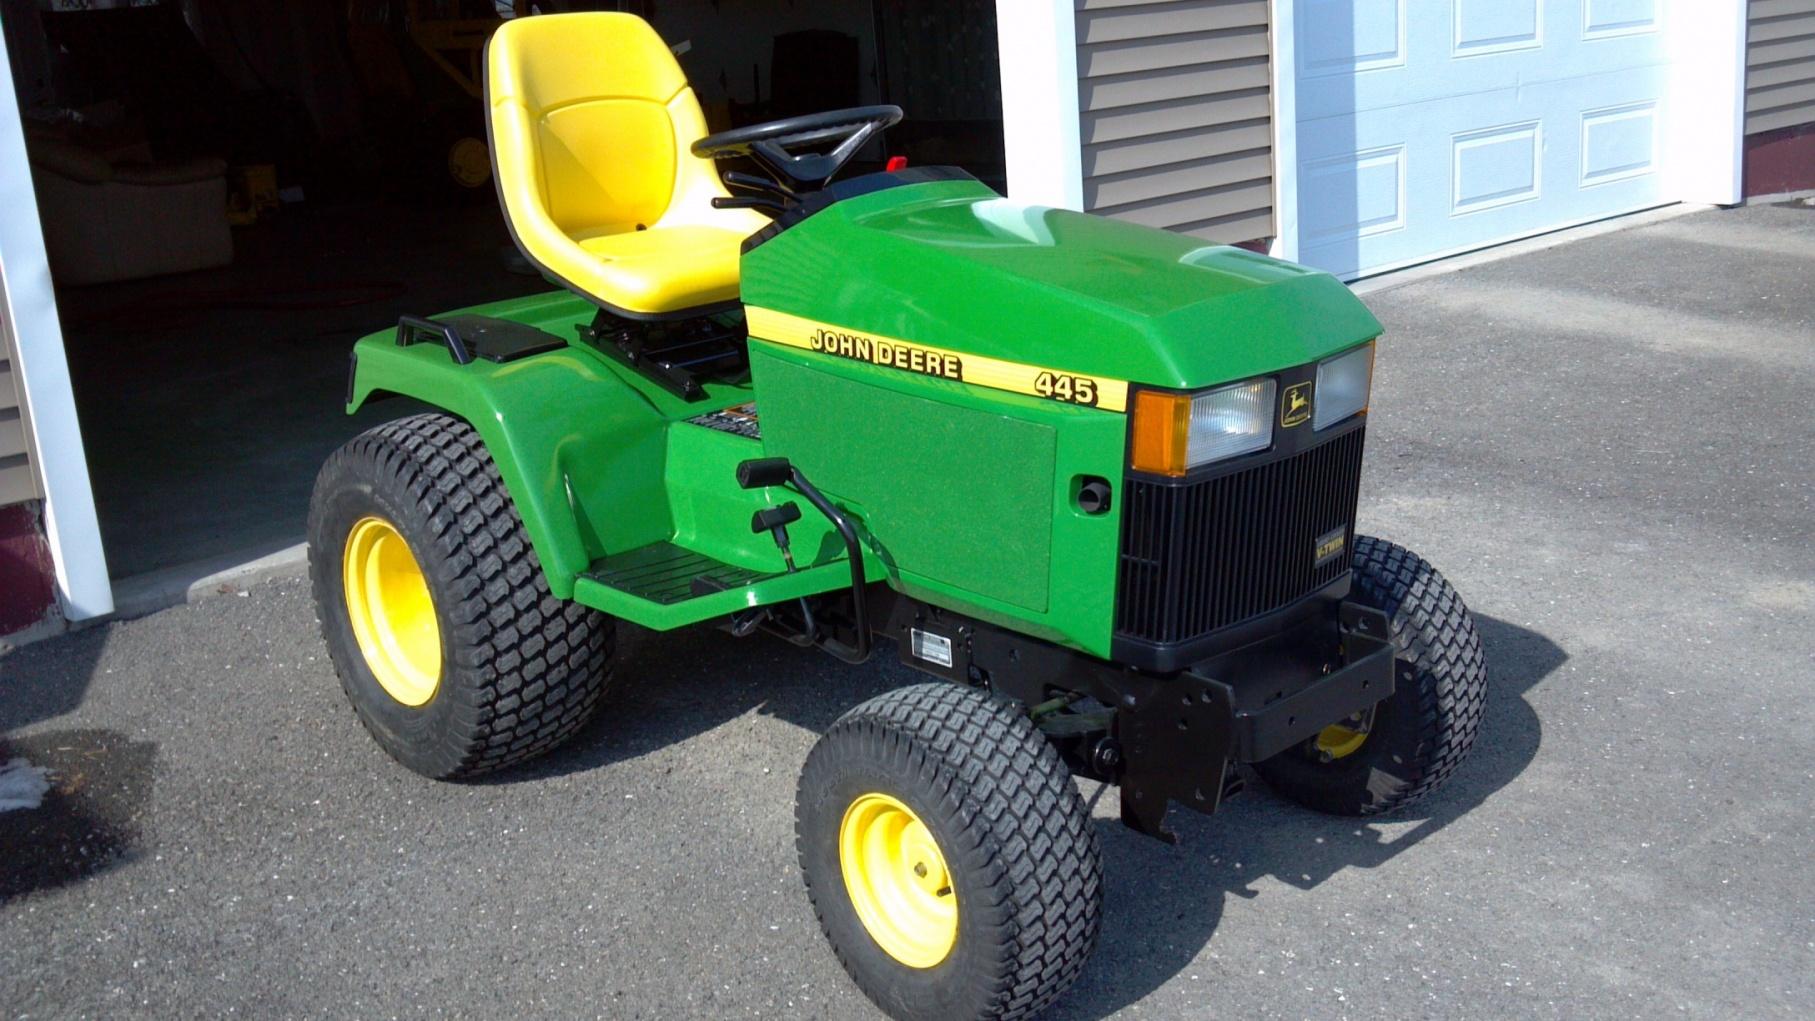 John Deere 445 >> 445 Refurbished Mytractorforum Com The Friendliest Tractor Forum